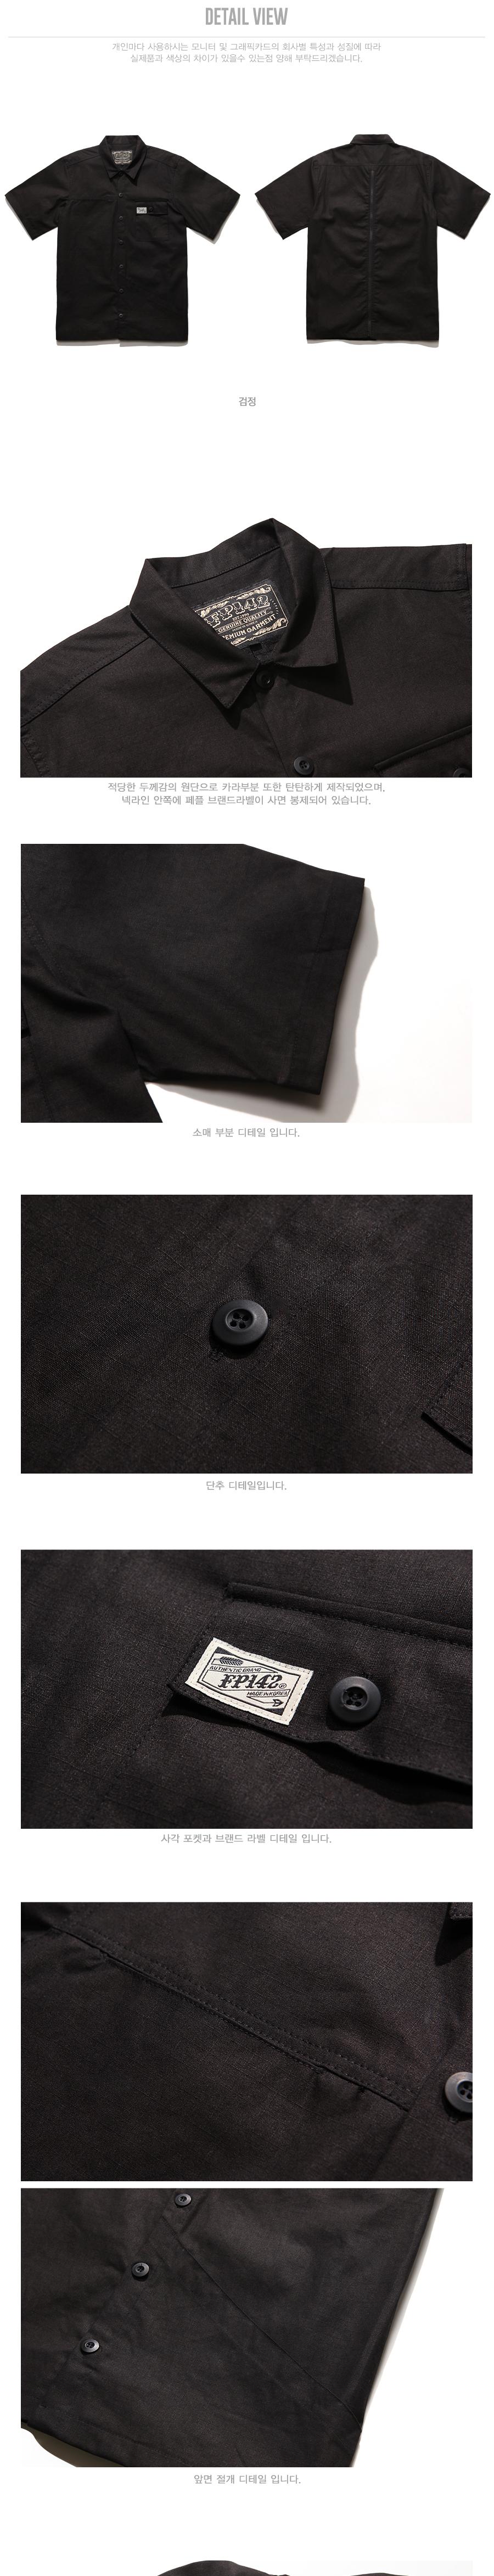 20180508_fp_pocketmix_shirts_black_yr_01.jpg